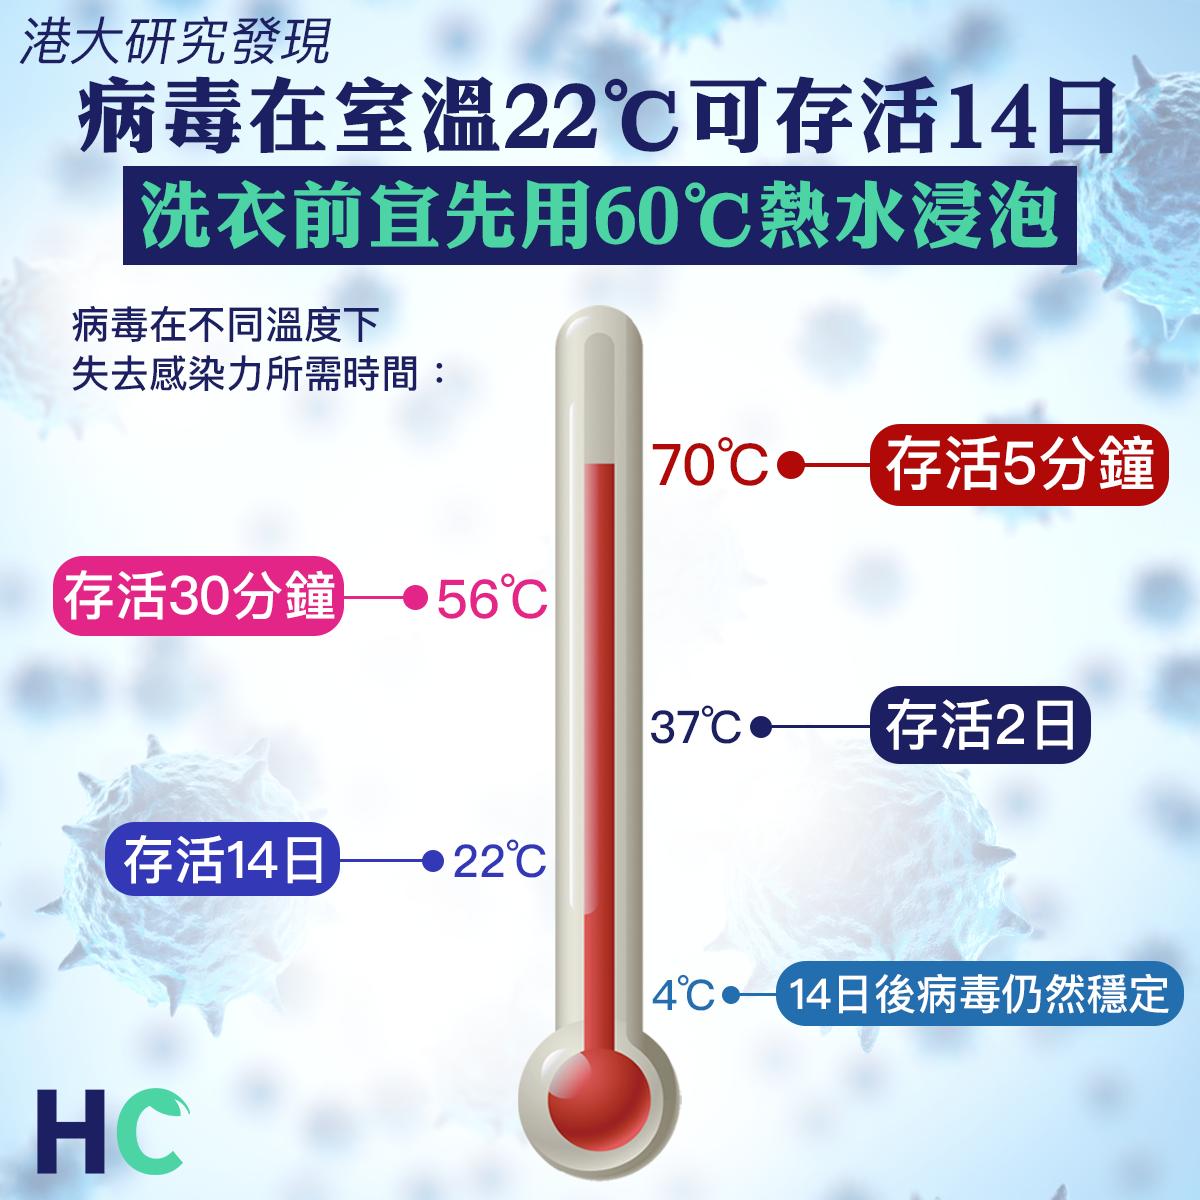 【#醫學通識】港大研究:病毒在室溫22℃可存活14日 洗衣前宜先用60℃熱水浸泡